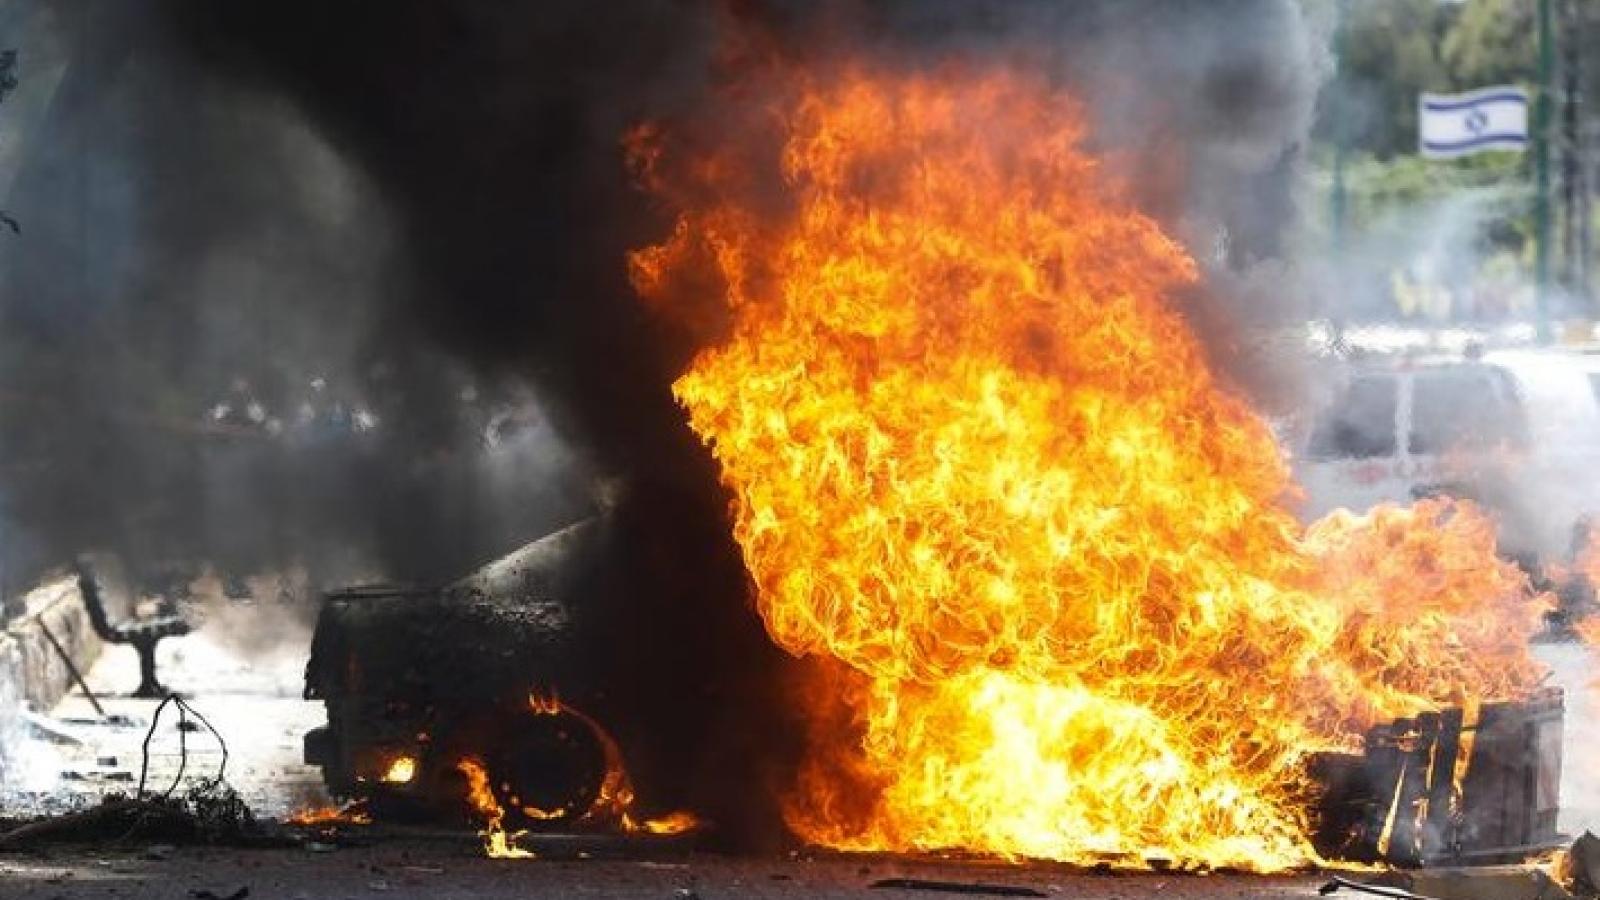 Tổng thiệt hại do Hamas gây ra cho Israel trong 8 ngày xung đột